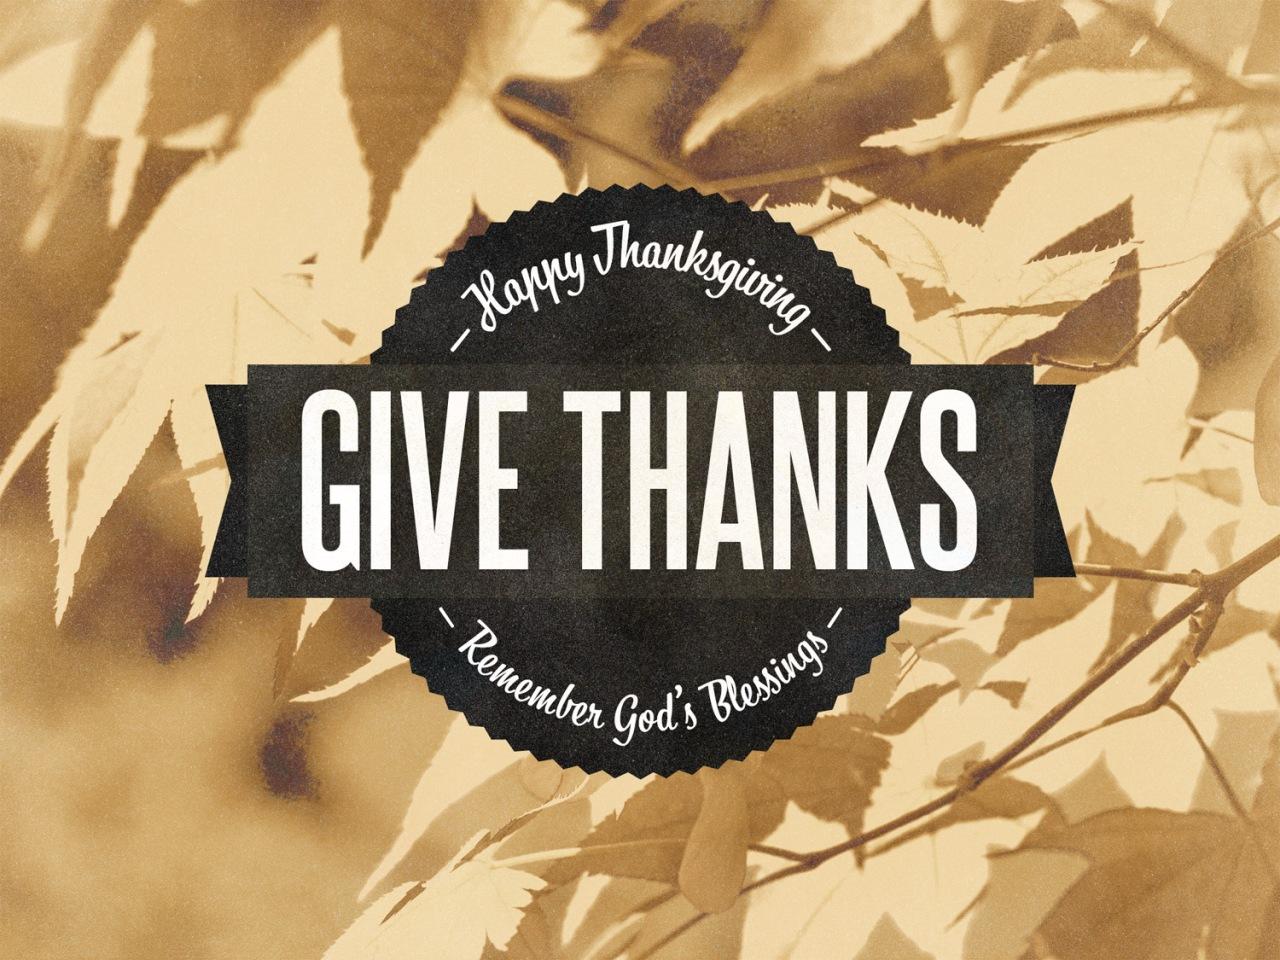 Golden_Harvest_Give_Thanks_std_t